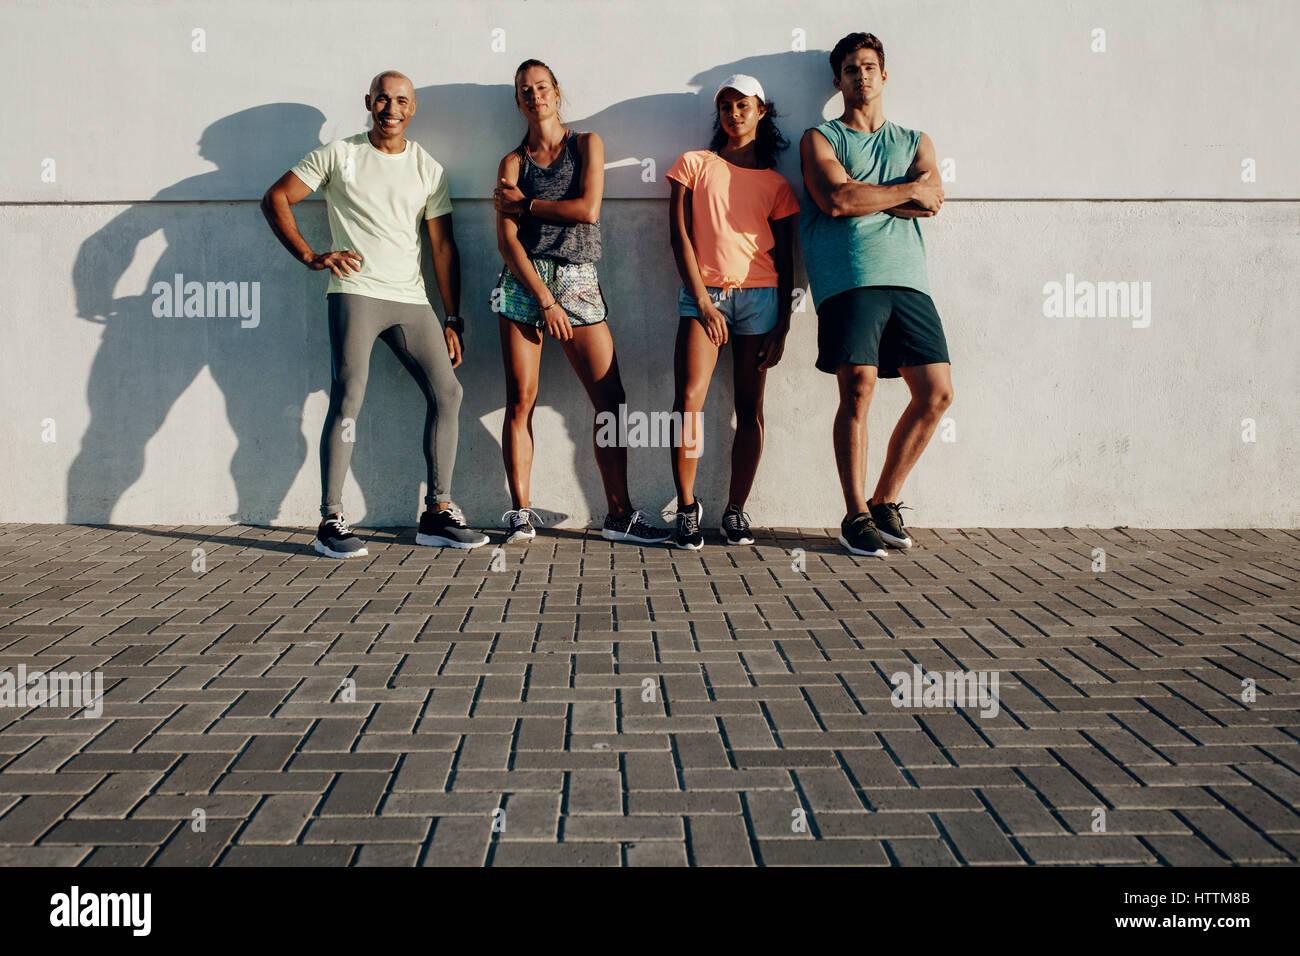 Longueur totale shot of young friends posing together. Groupe de personnes debout remise en forme par un mur extérieur. Photo Stock